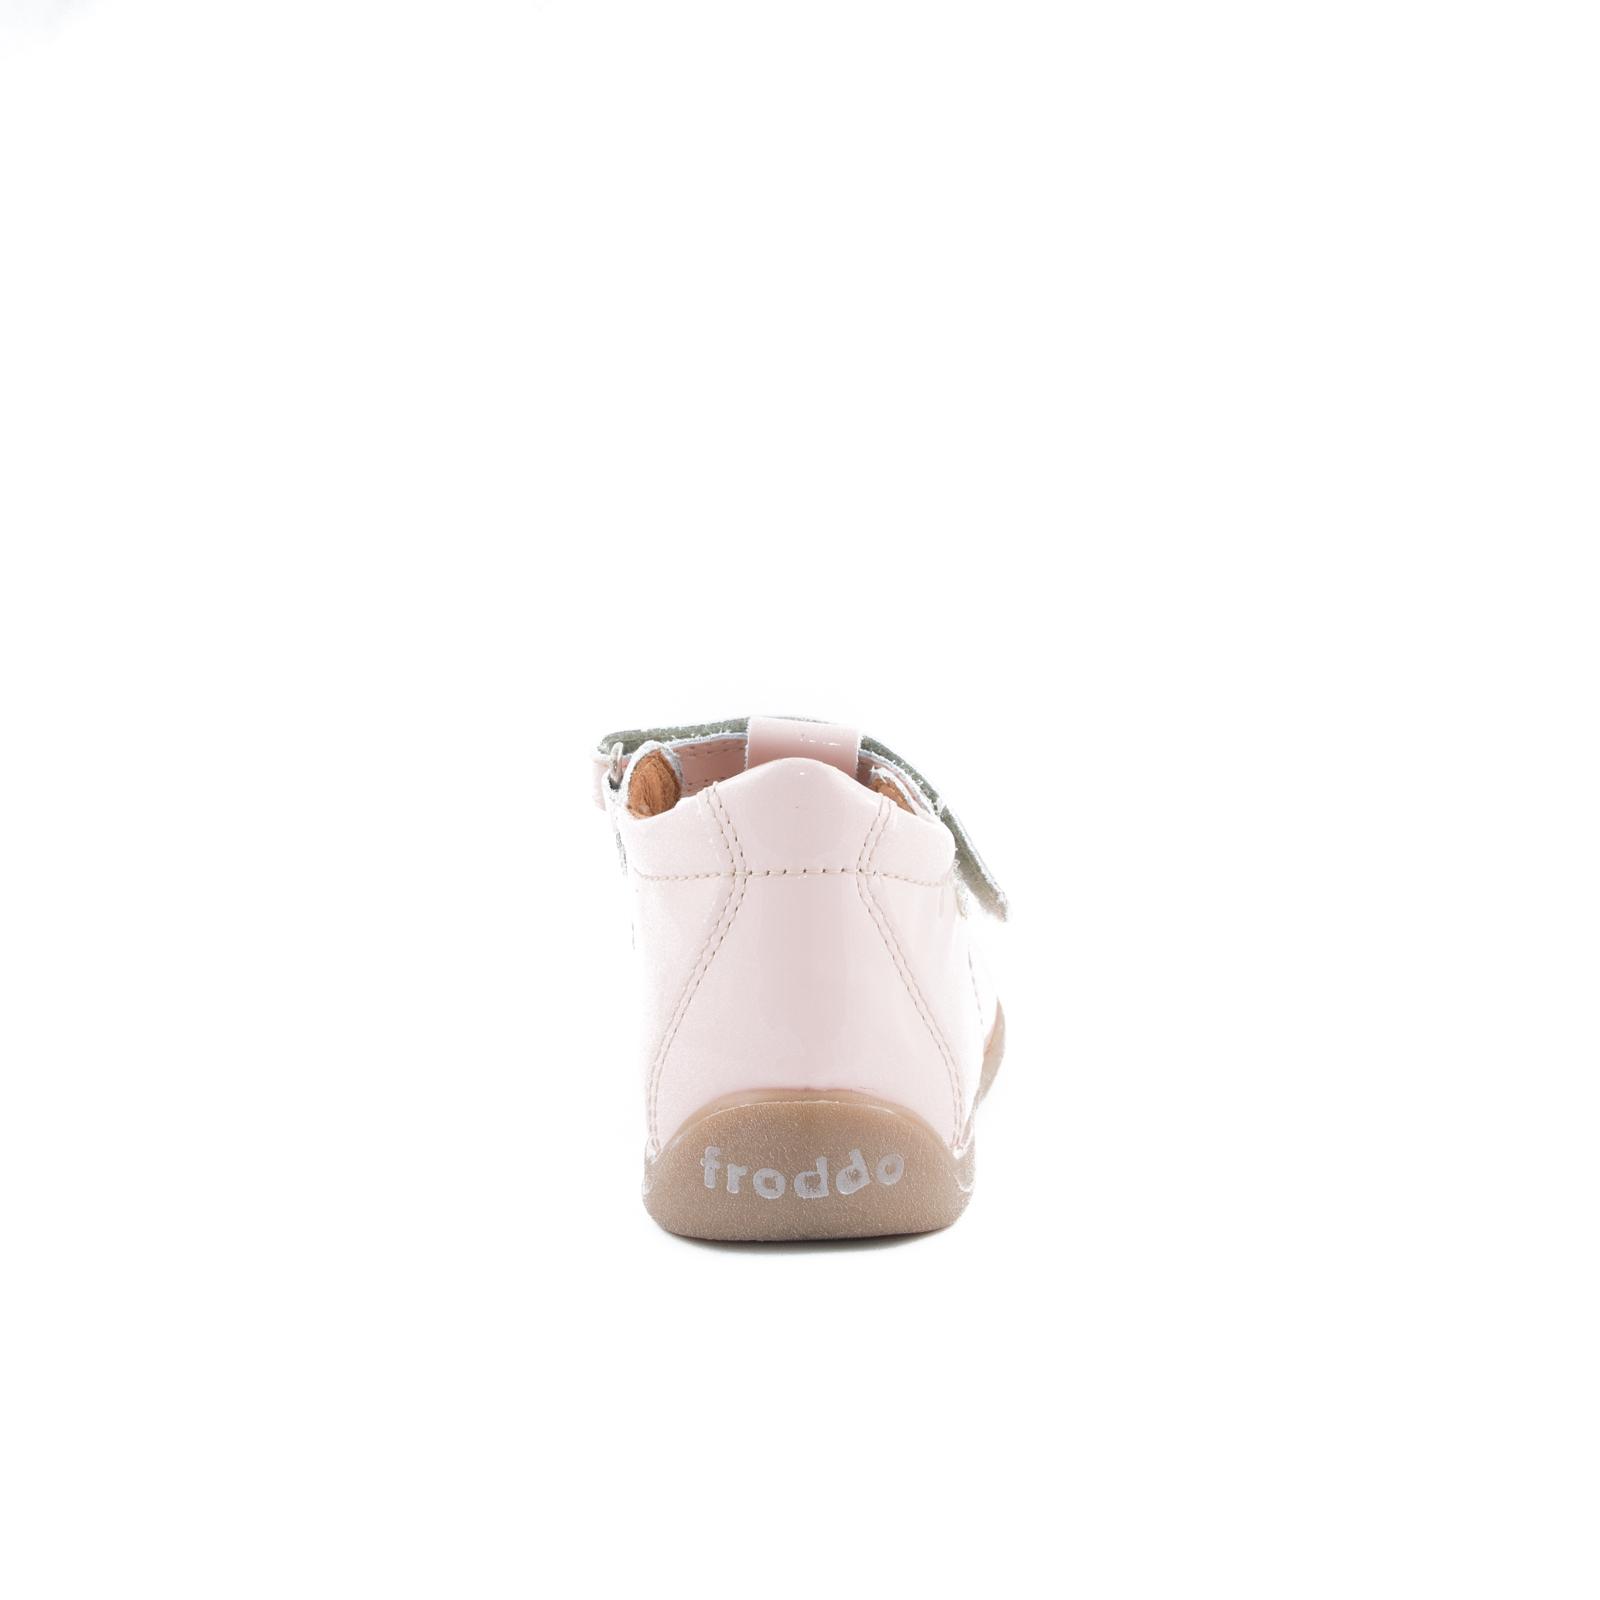 FRODDO Pink Patent G2140037